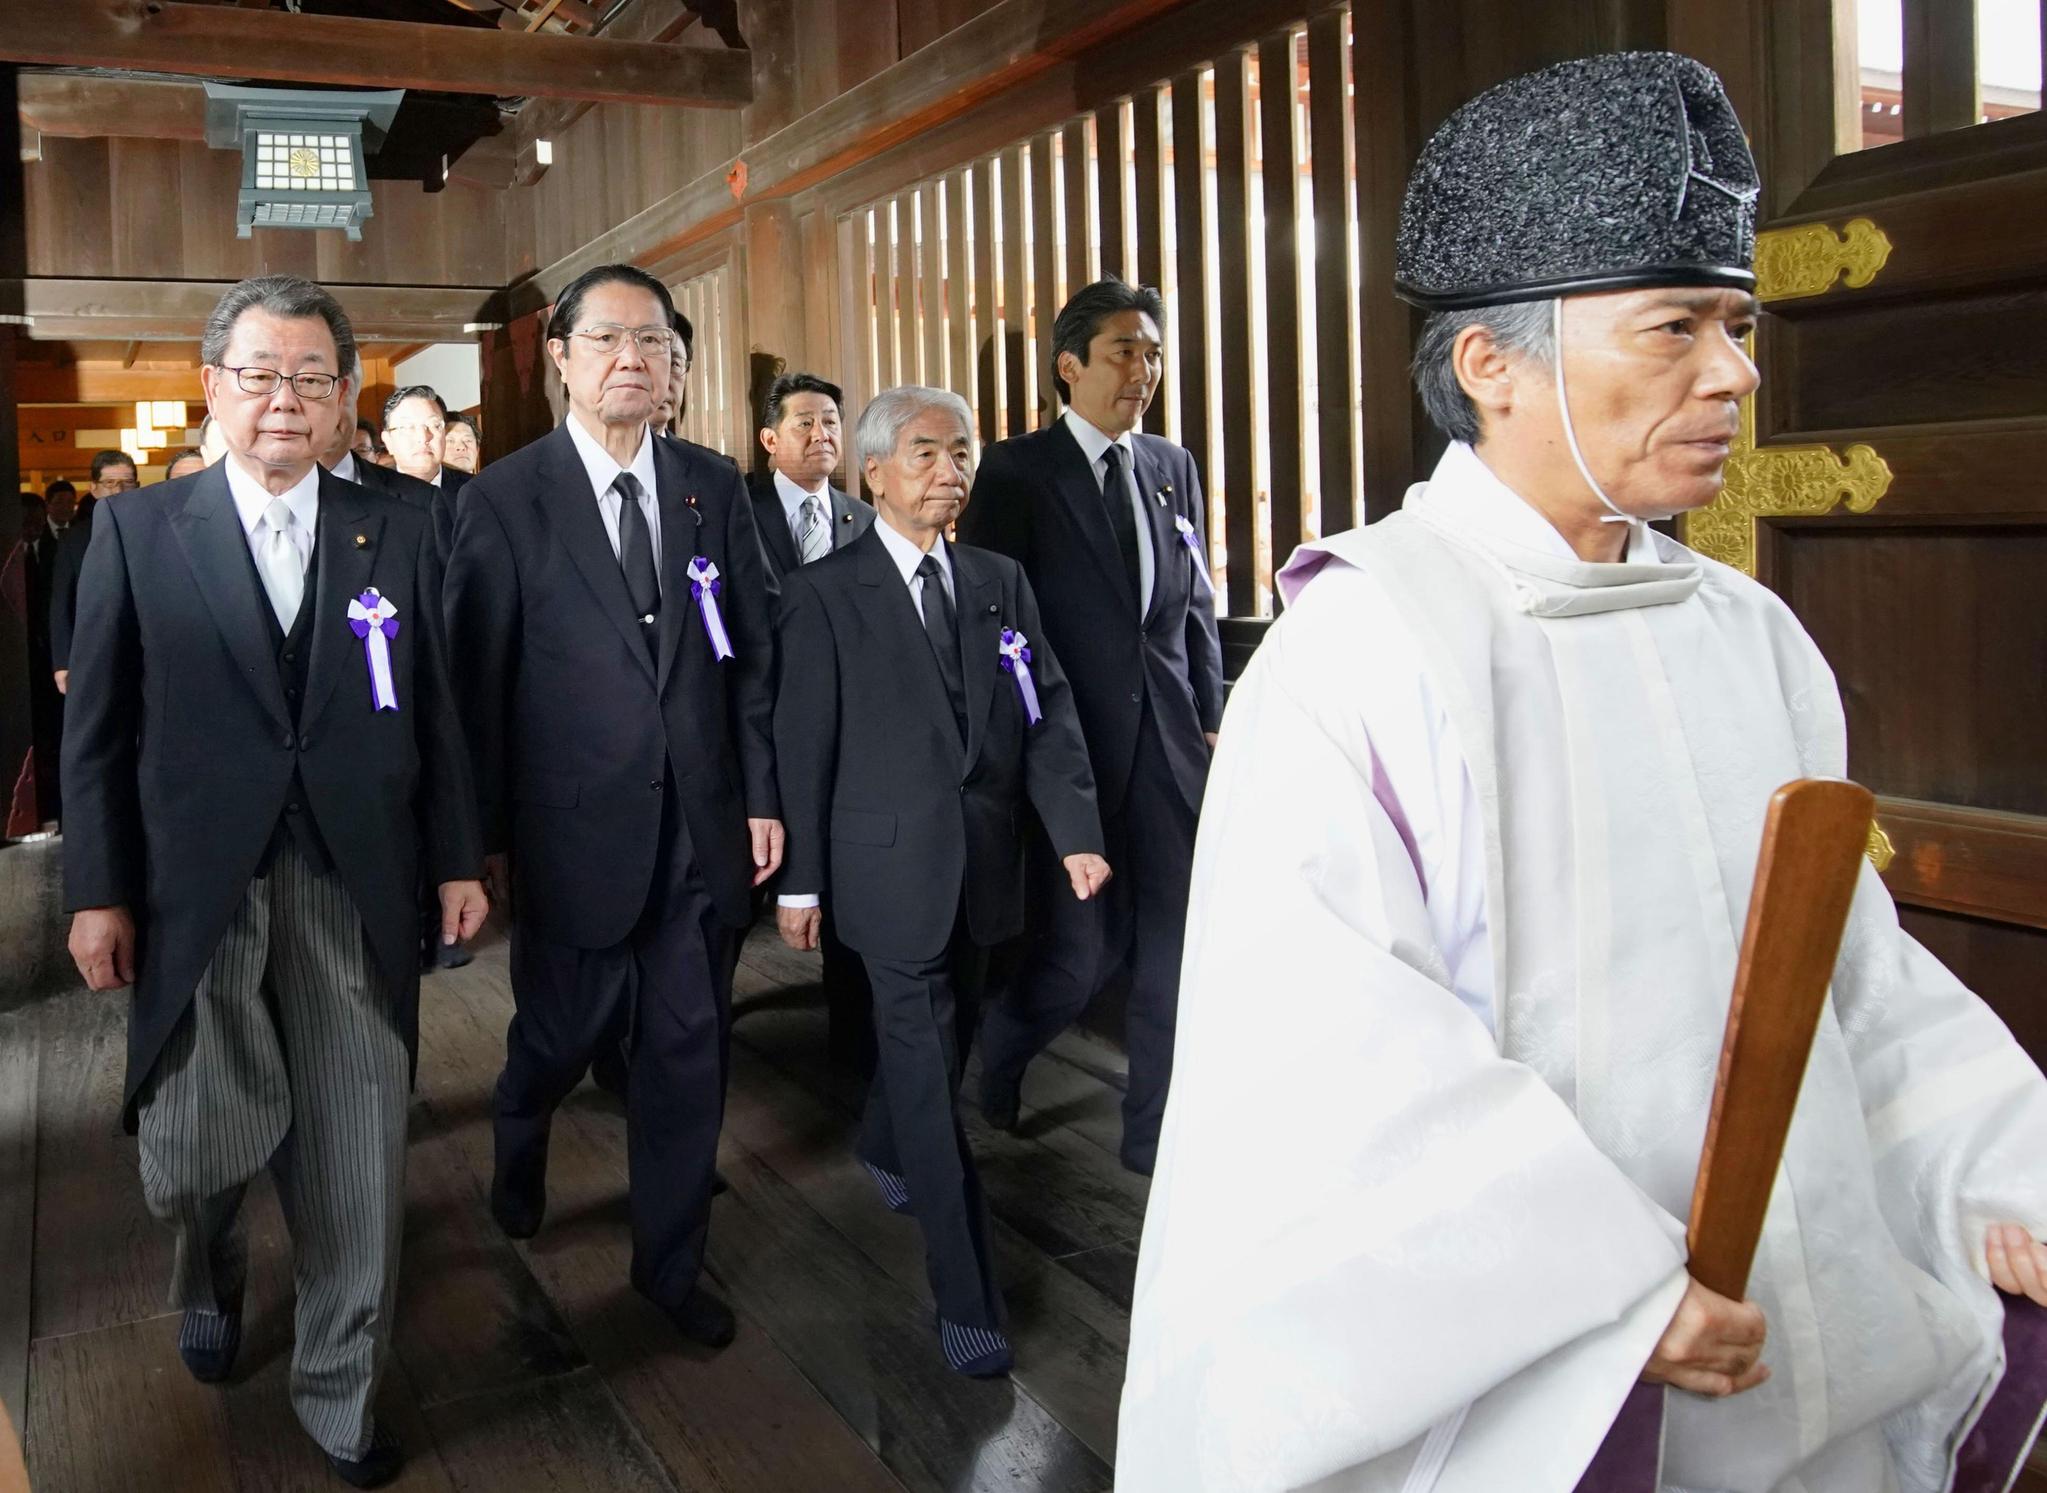 우익 성향의 일본 의원들이 광복절인 15일 일제 침략전쟁의 상징인 야스쿠니(靖國)신사를 집단 참배하고 있다. [연합뉴스]